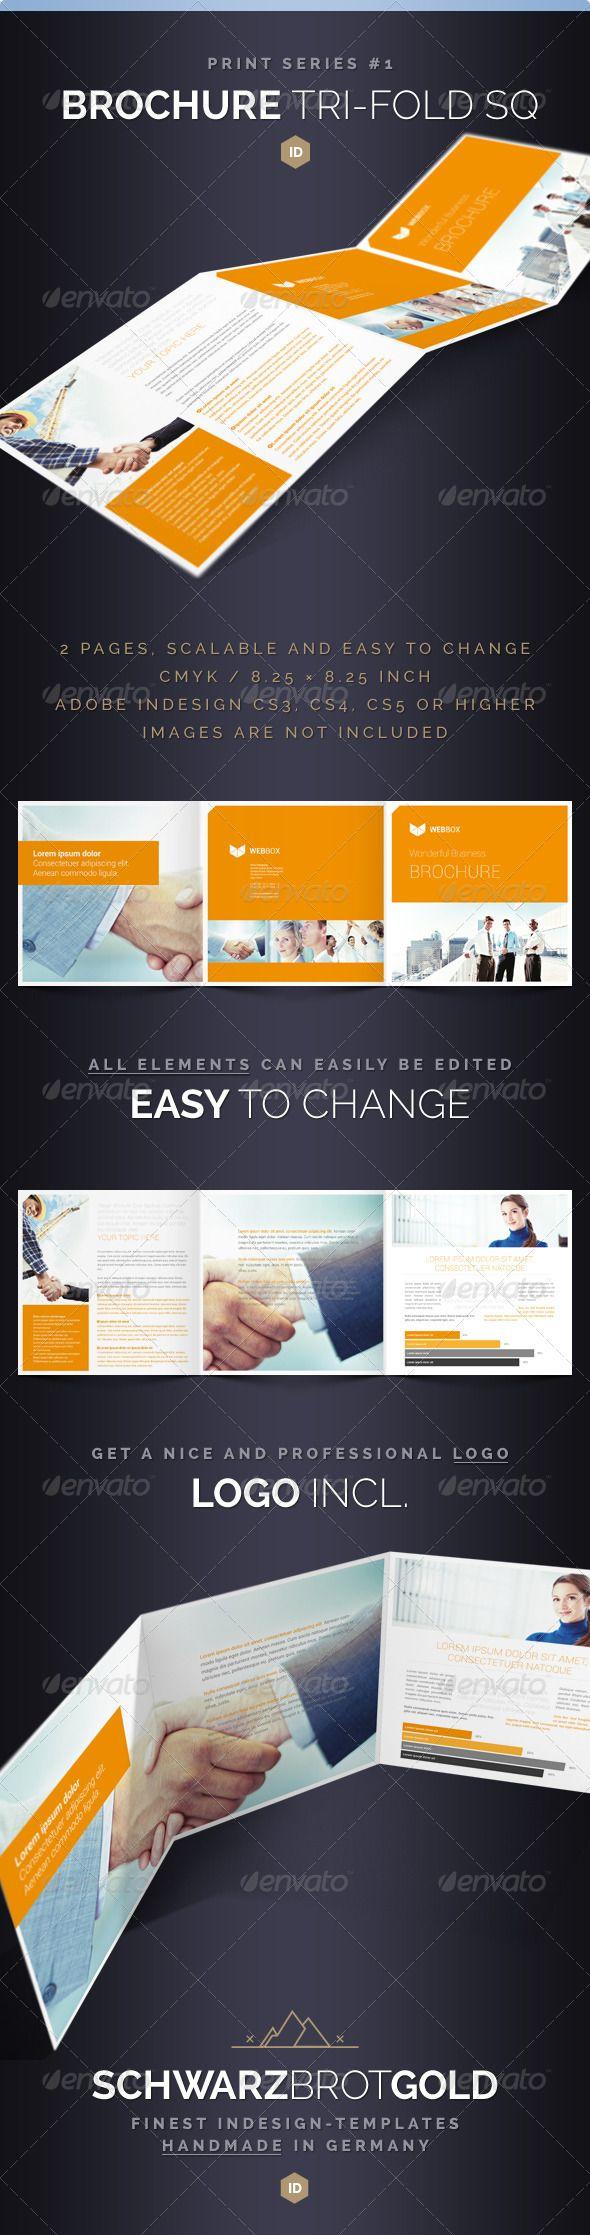 Brochure Tri-Fold Square Series 1  #GraphicRiver